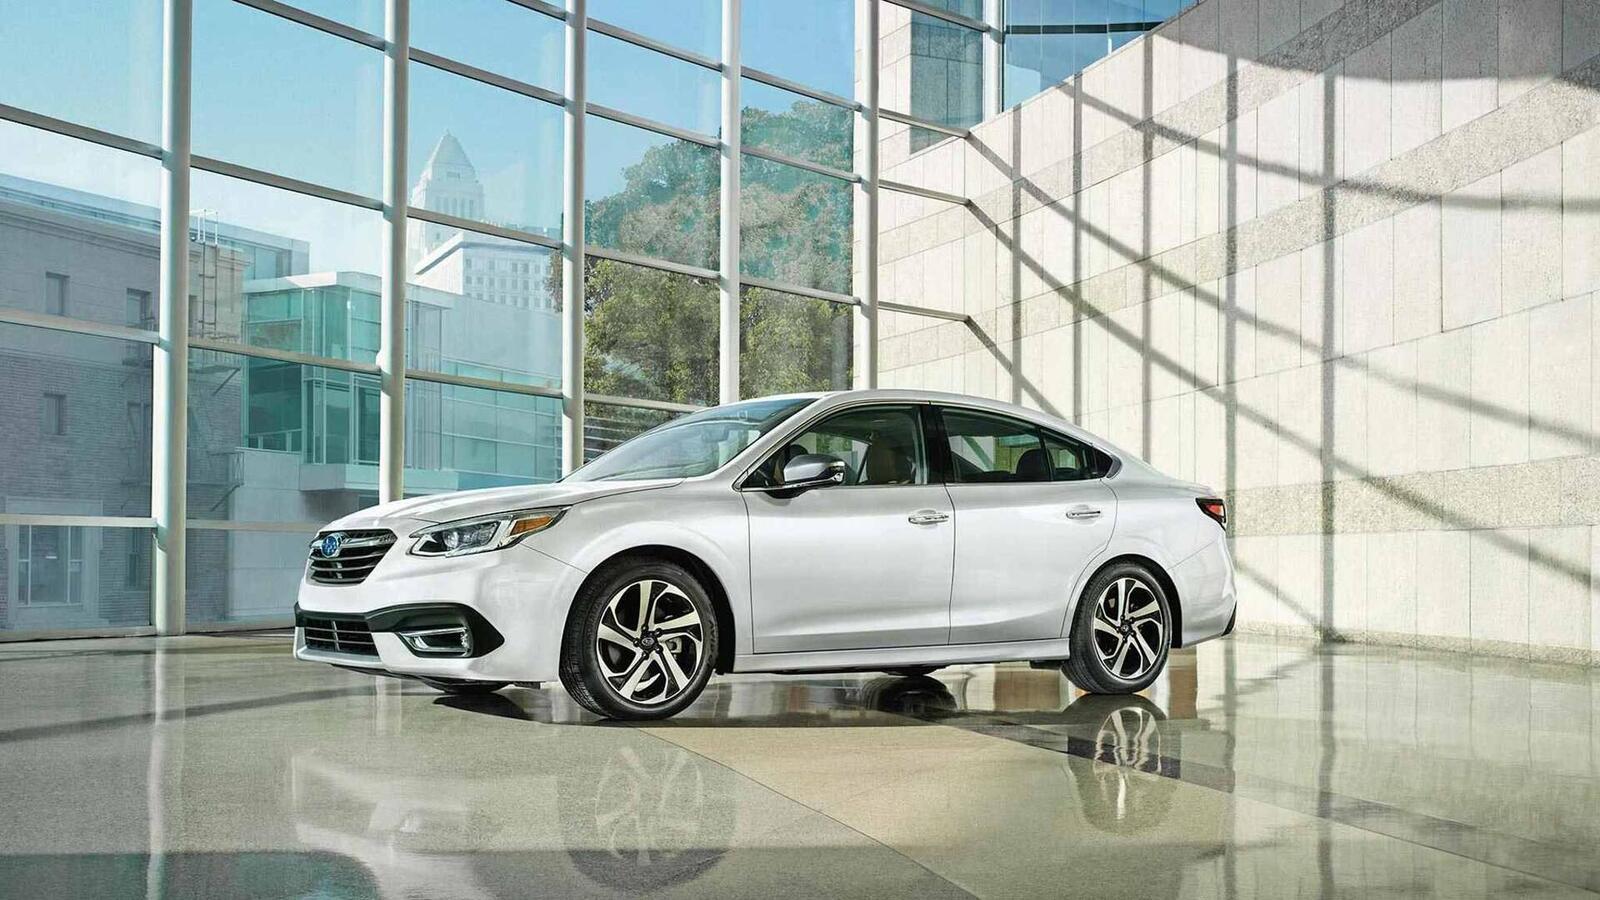 Subaru Legacy thế hệ mới ra mắt; đổi mới thiết kế; có thêm động cơ 2.5L tăng áp - Hình 2